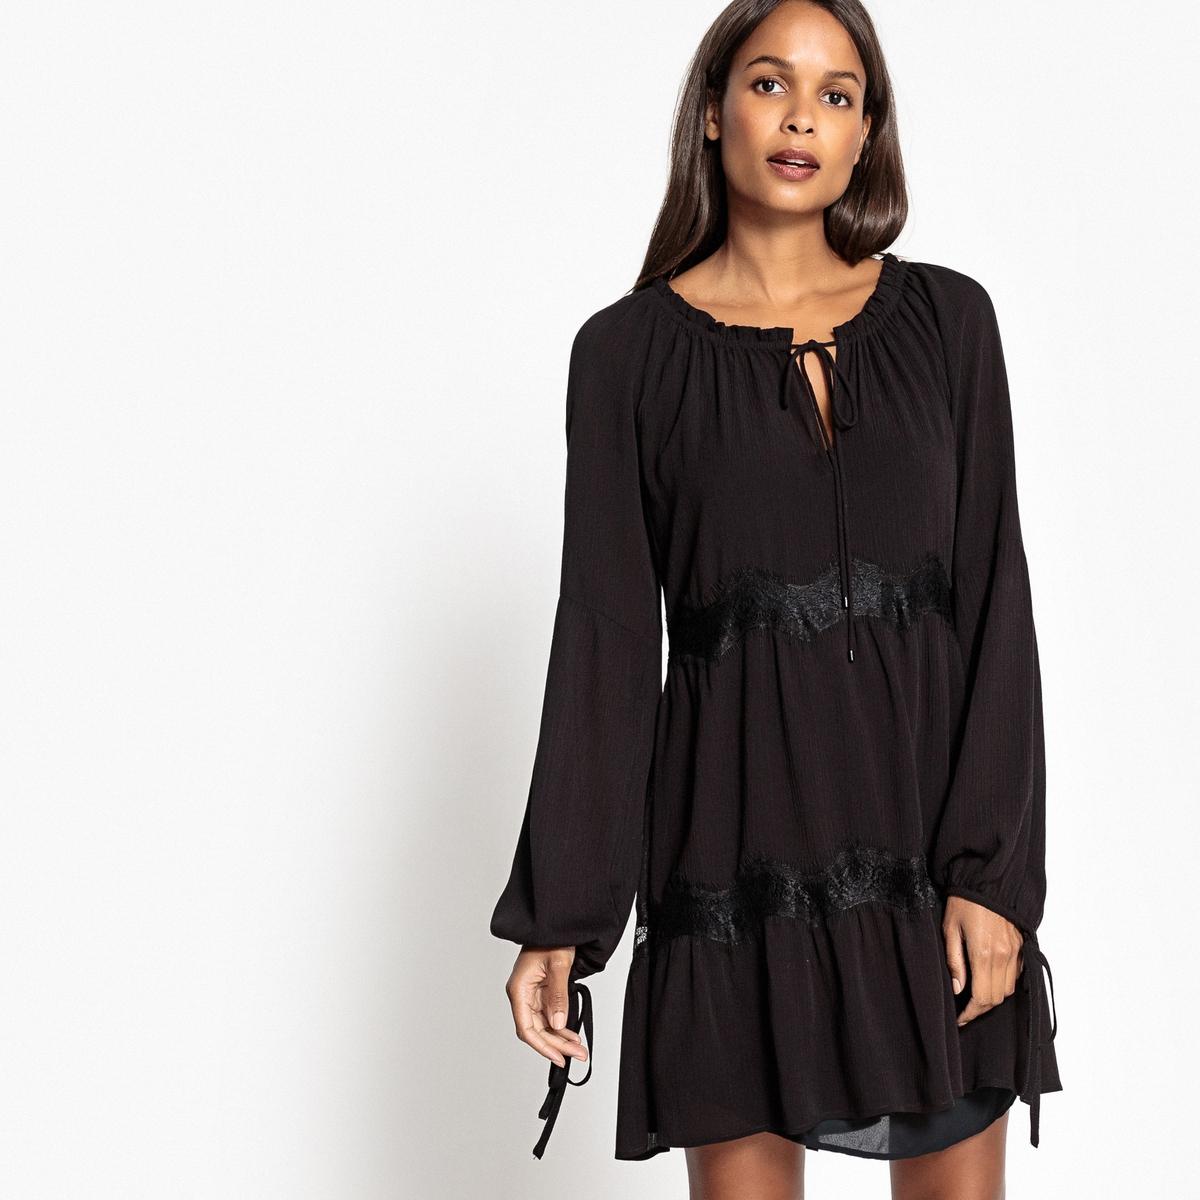 Платье однотонное прямого и короткого покроя с длинными рукавамиОписание:Детали •  Форма : прямая •  Укороченная модель •  Длинные рукава    •  Круглый вырезСостав и уход •  100% вискоза •  Следуйте советам по уходу, указанным на этикетке<br><br>Цвет: красно-коричневый,черный<br>Размер: XS.S.M.XL